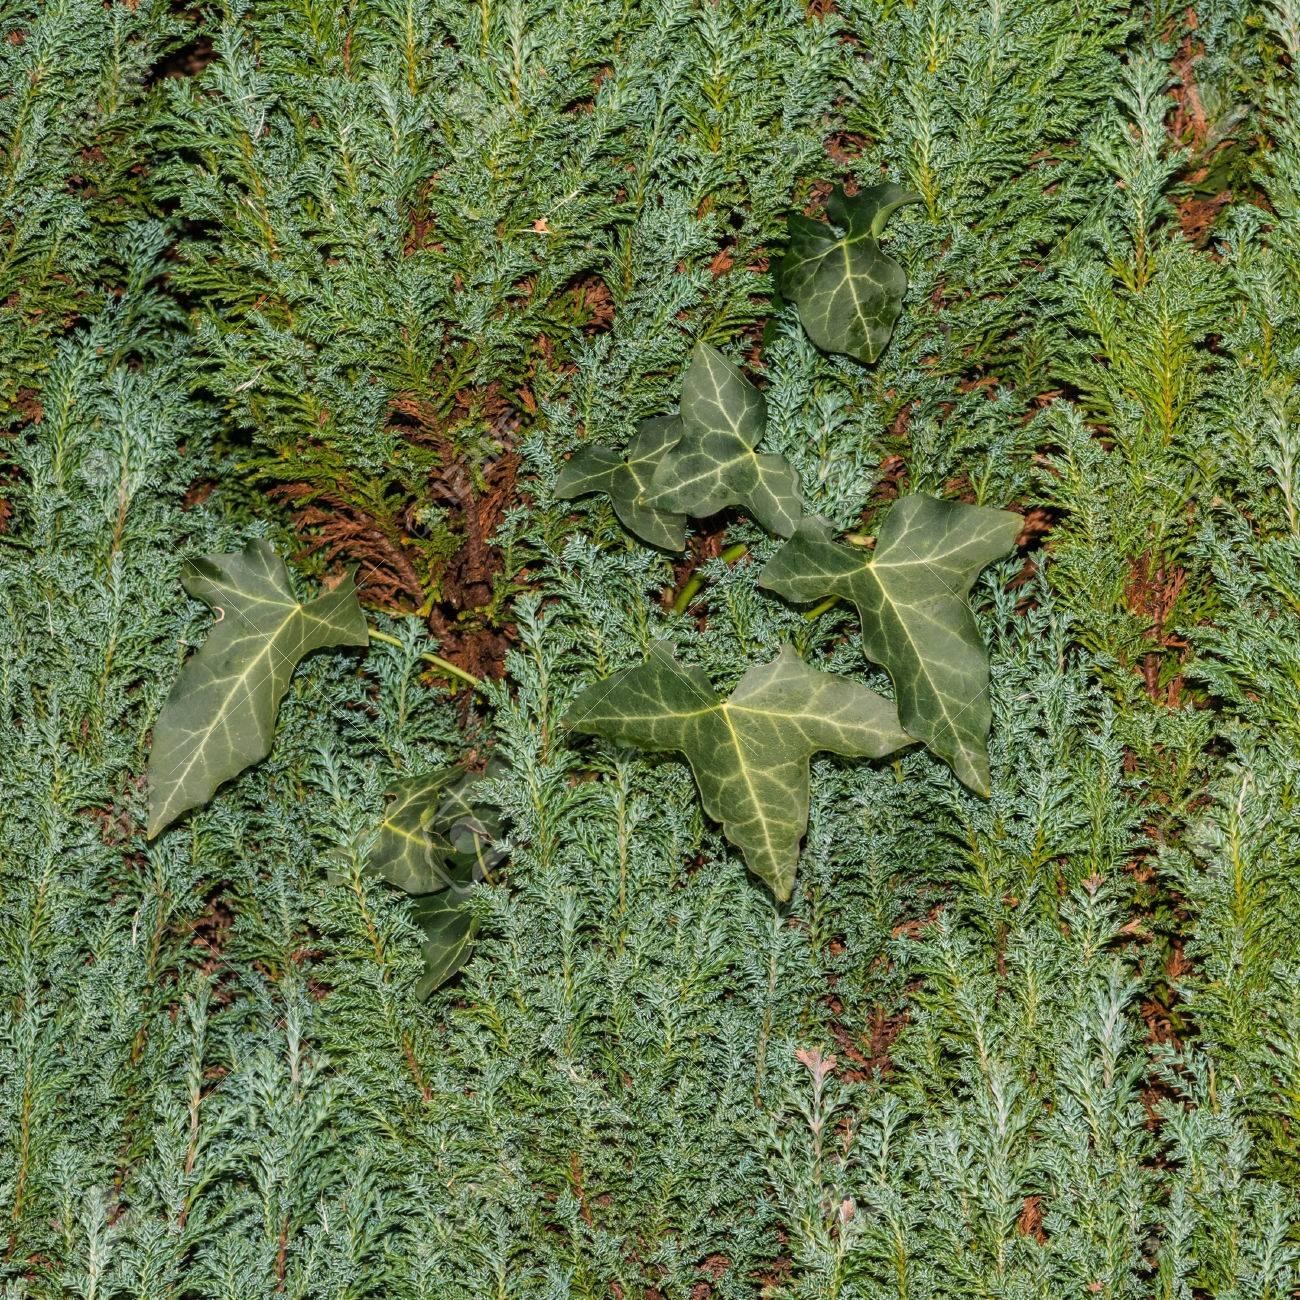 Eine Abstrakte Bild Von Einigen Efeublättern Klettern Eine